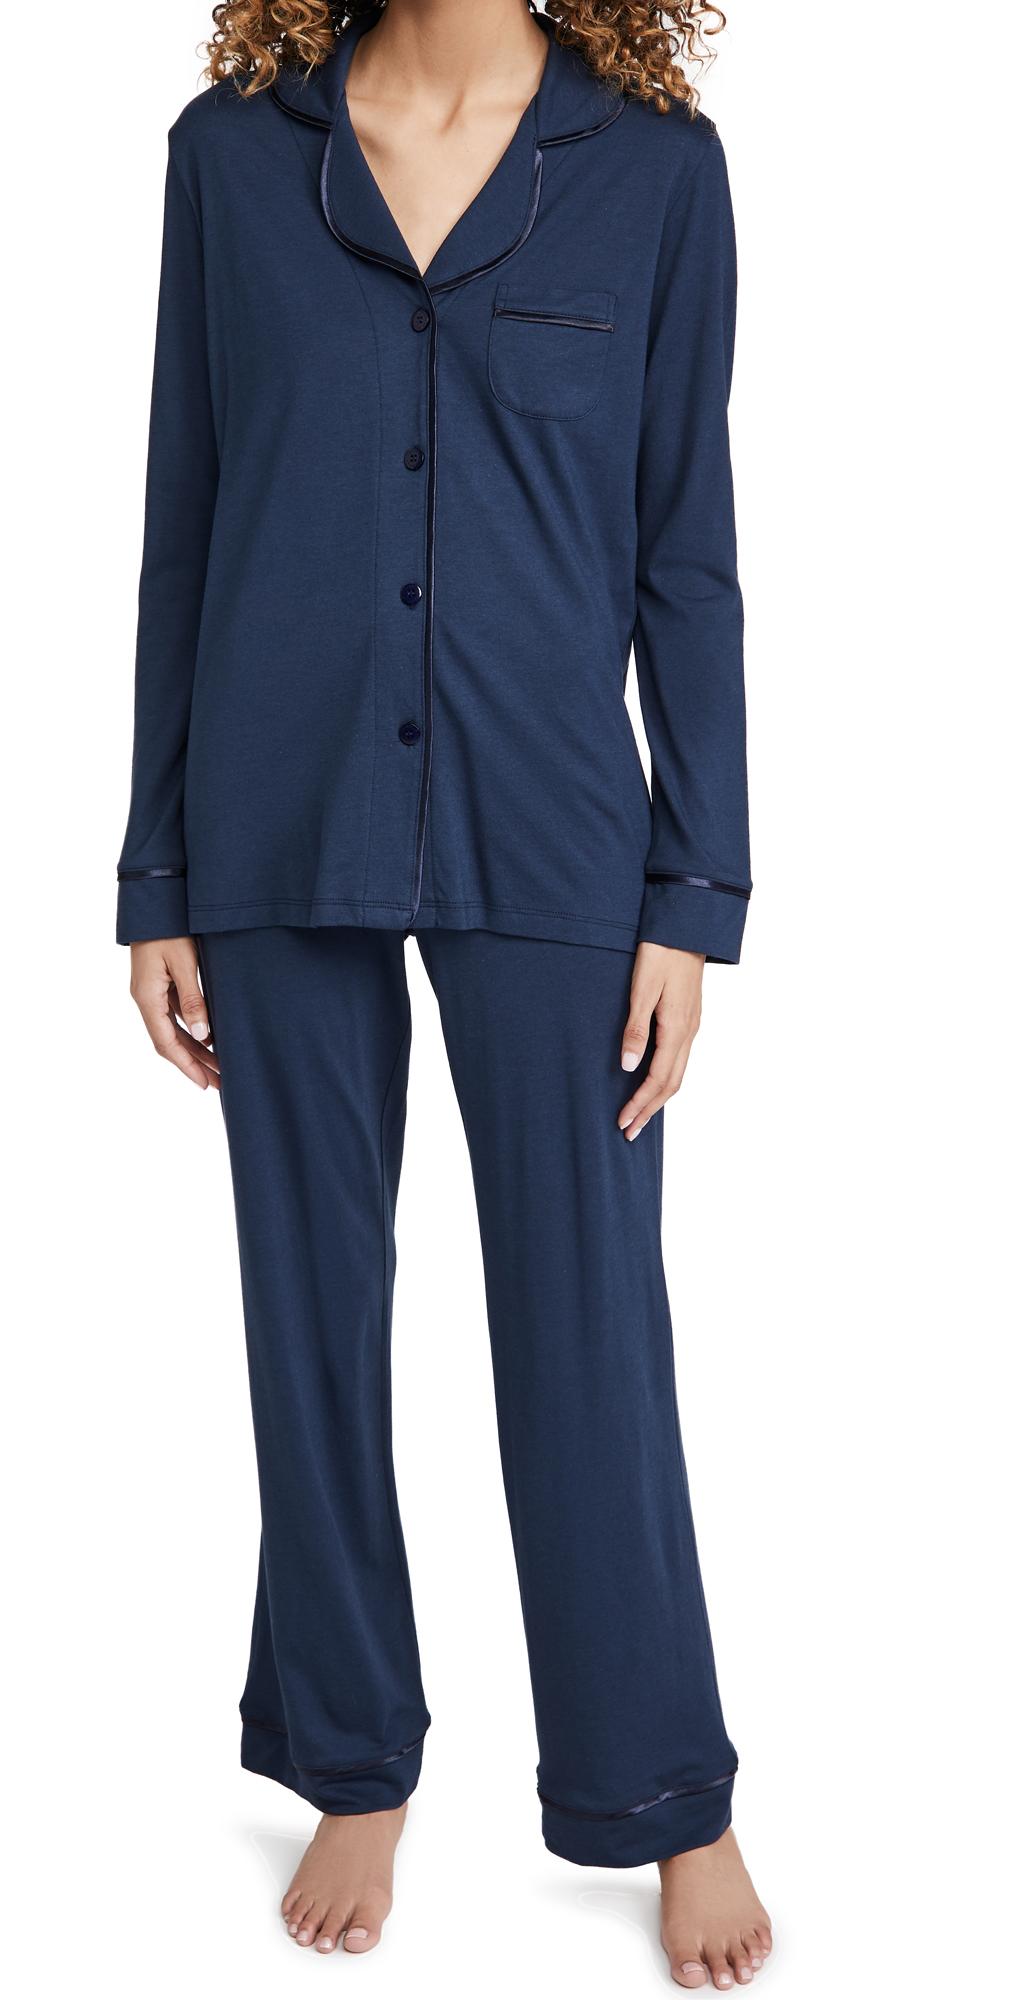 Cosabella Bella Pima Long Sleeve Top & Pant PJ Set